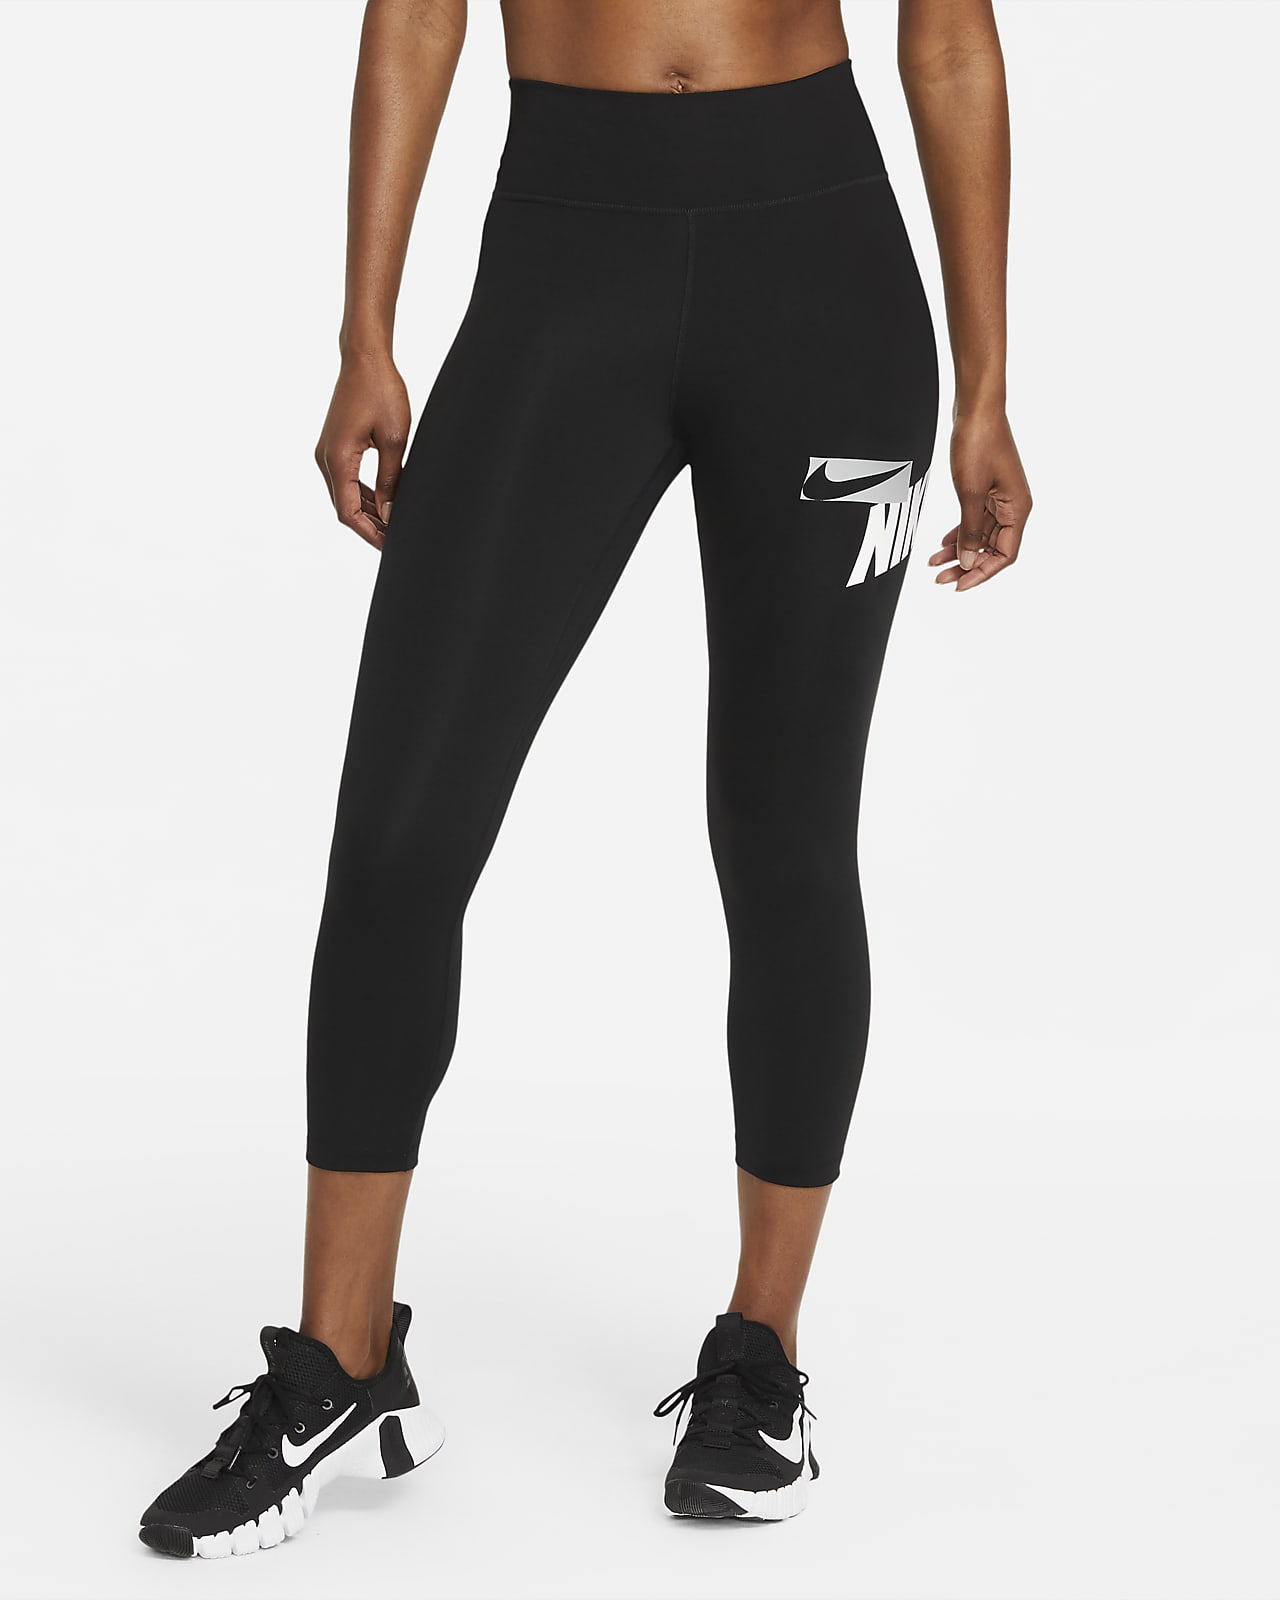 Nike One 女子印花中长紧身裤